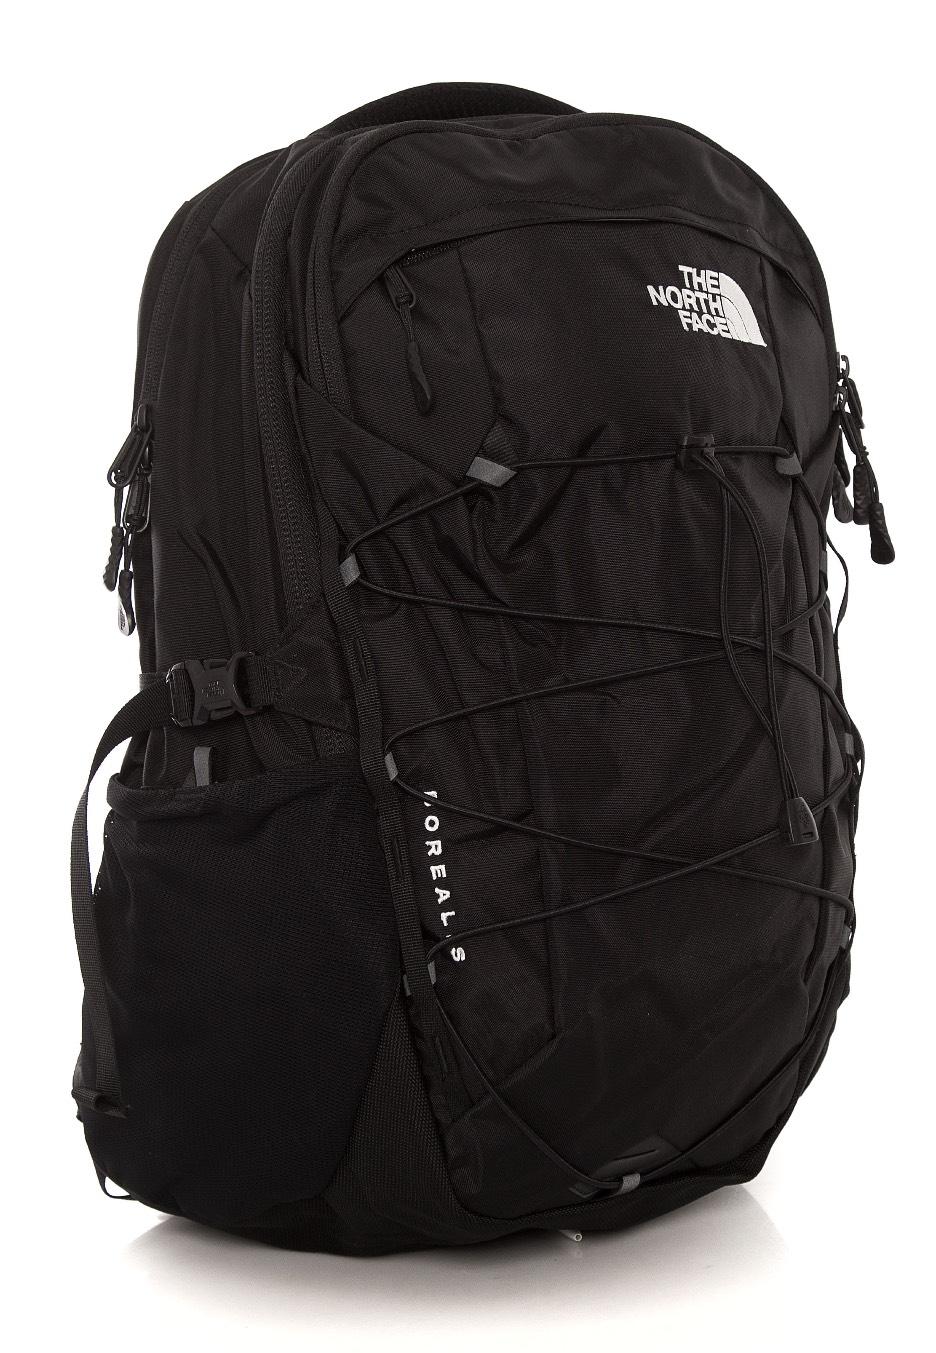 tnf black backpack